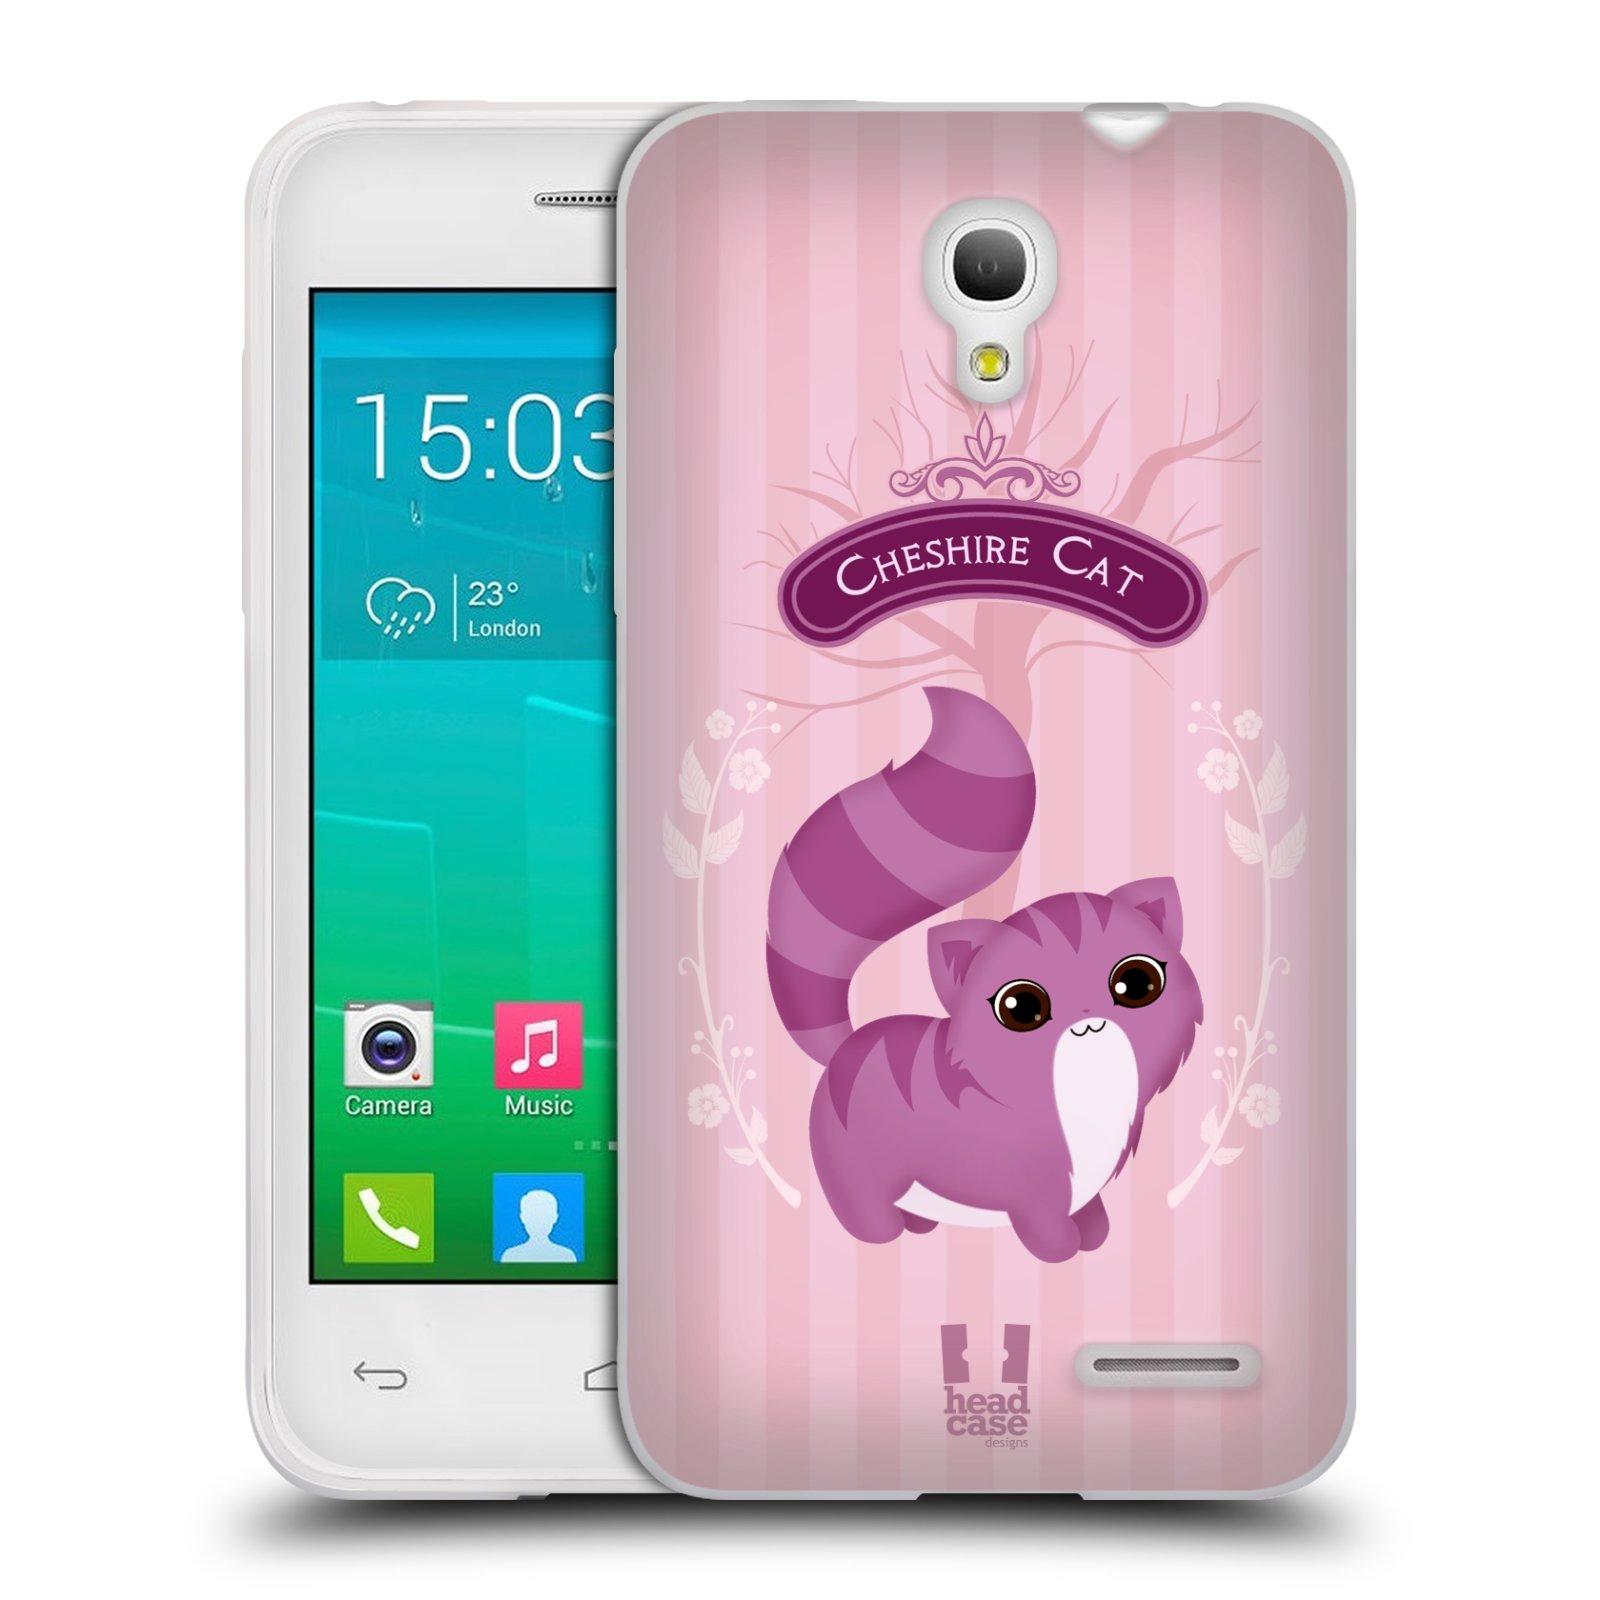 HEAD CASE silikonový obal na mobil Alcatel POP S3 OT-5050Y vzor Alenka v říši divů kočička